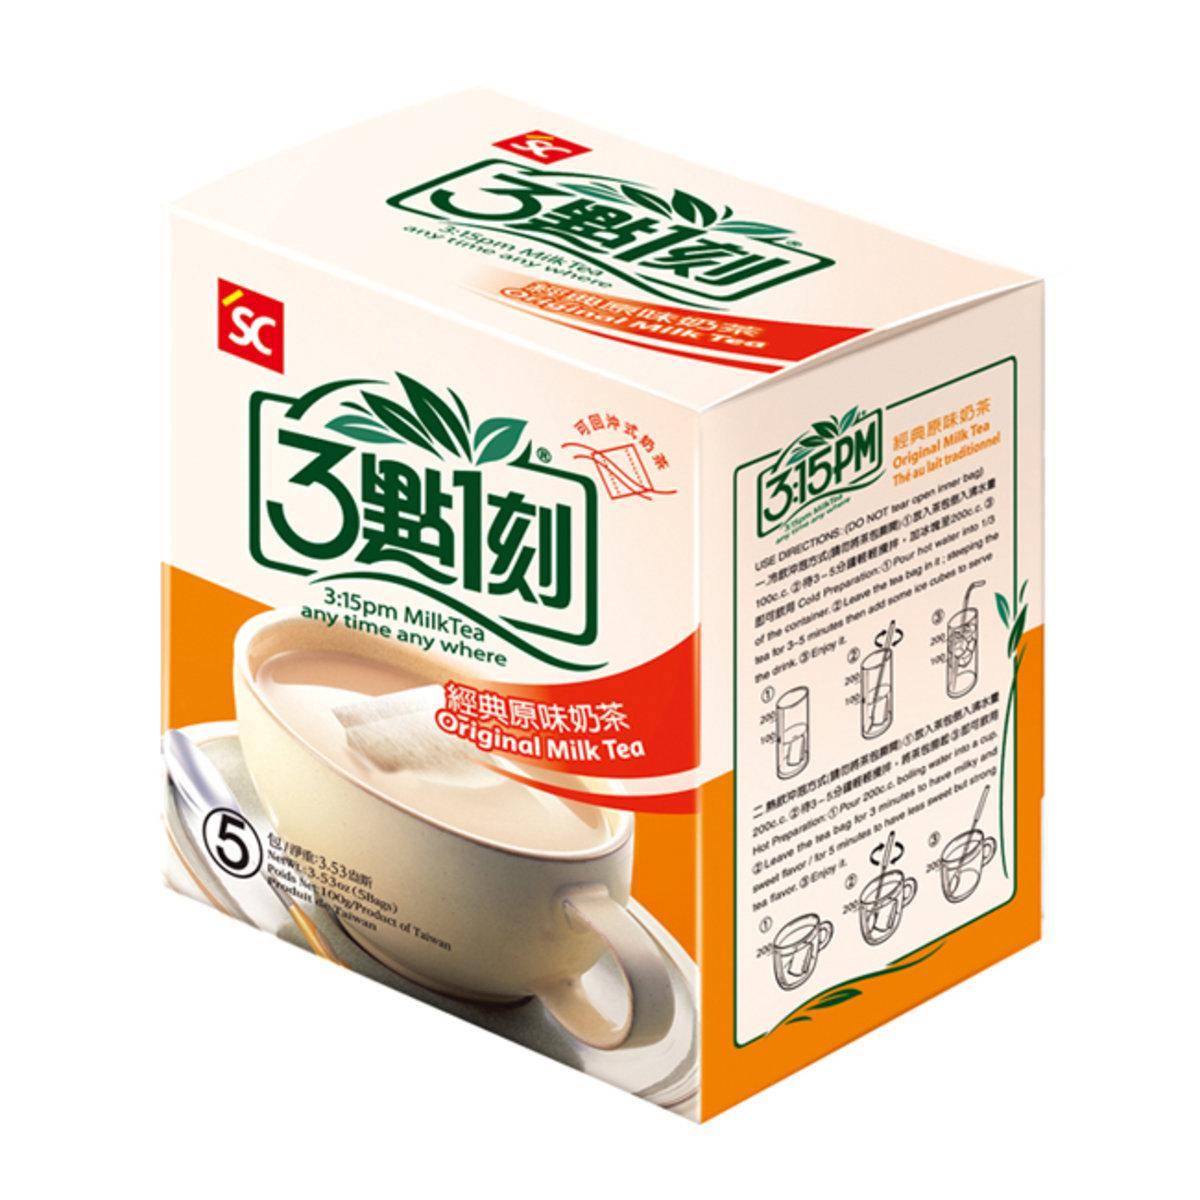 3:15PM Original milk tea Parallel Import